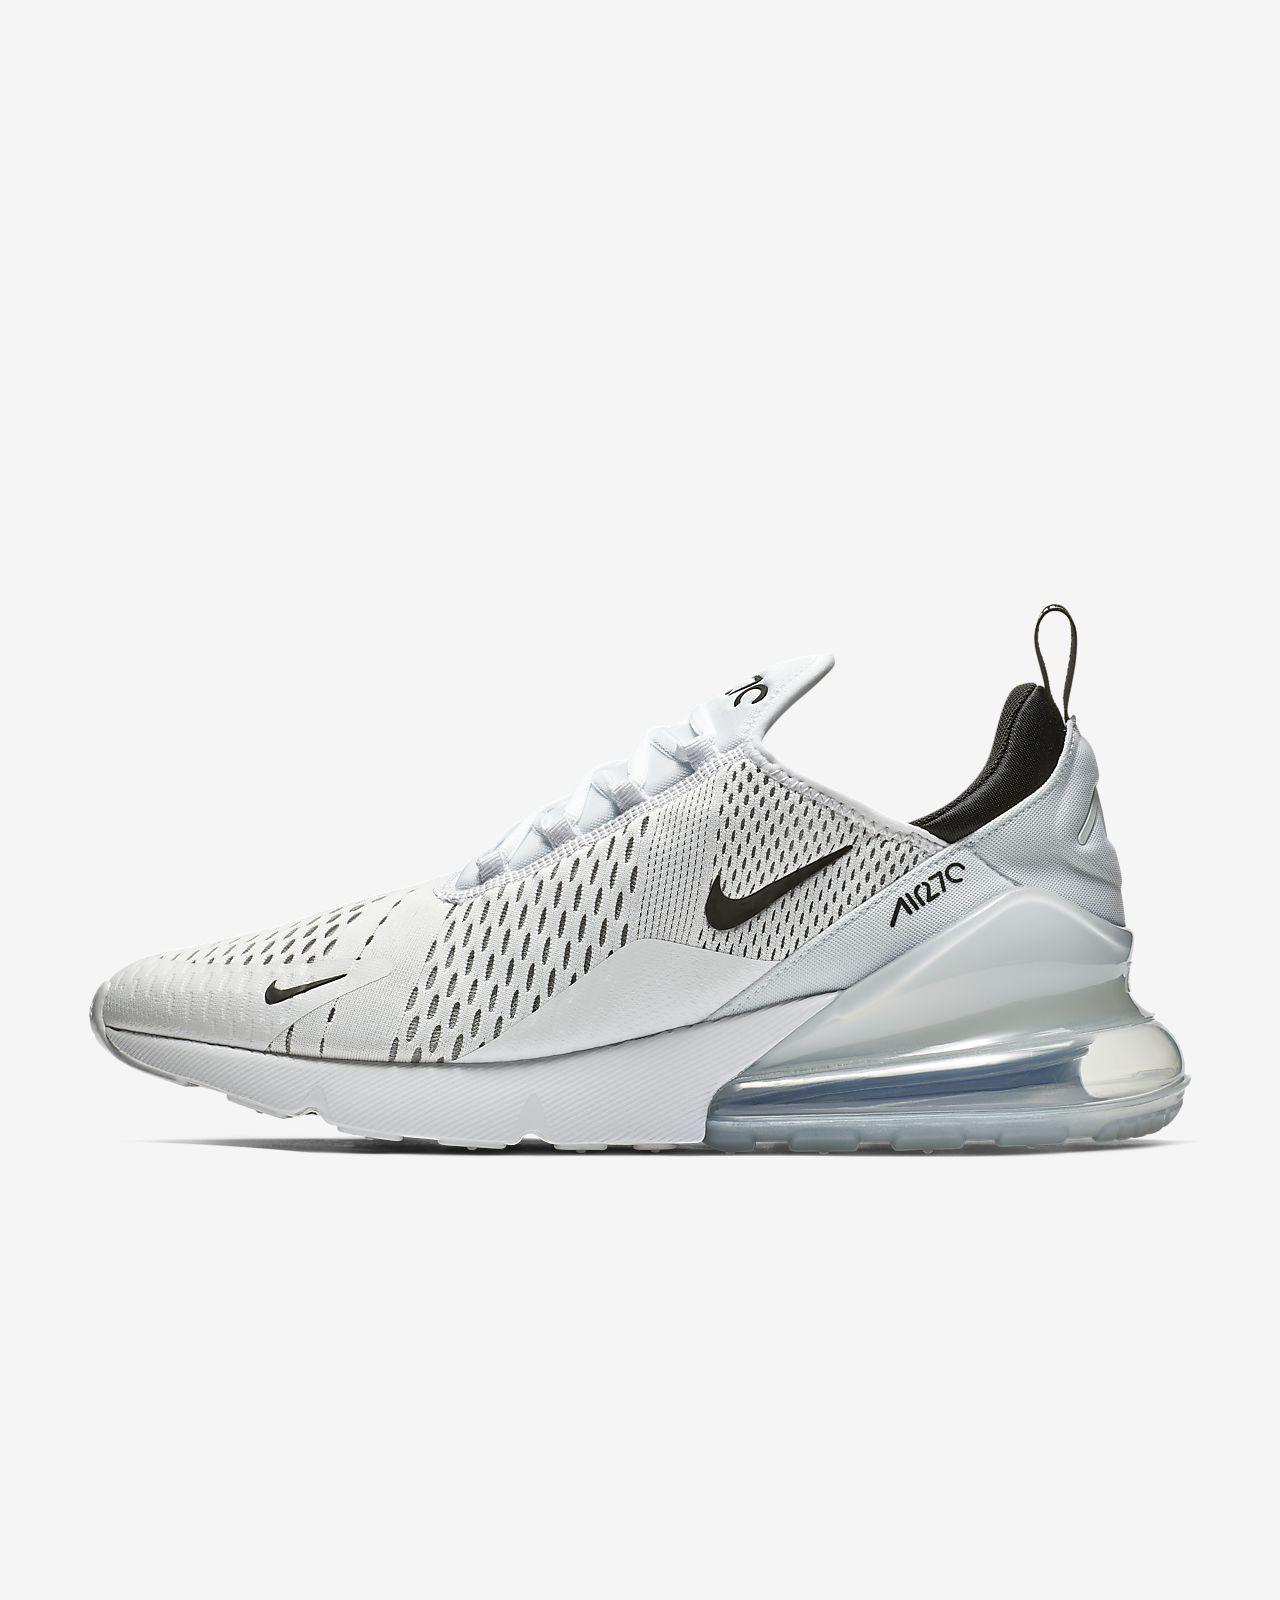 Nike - $120 - Size 13